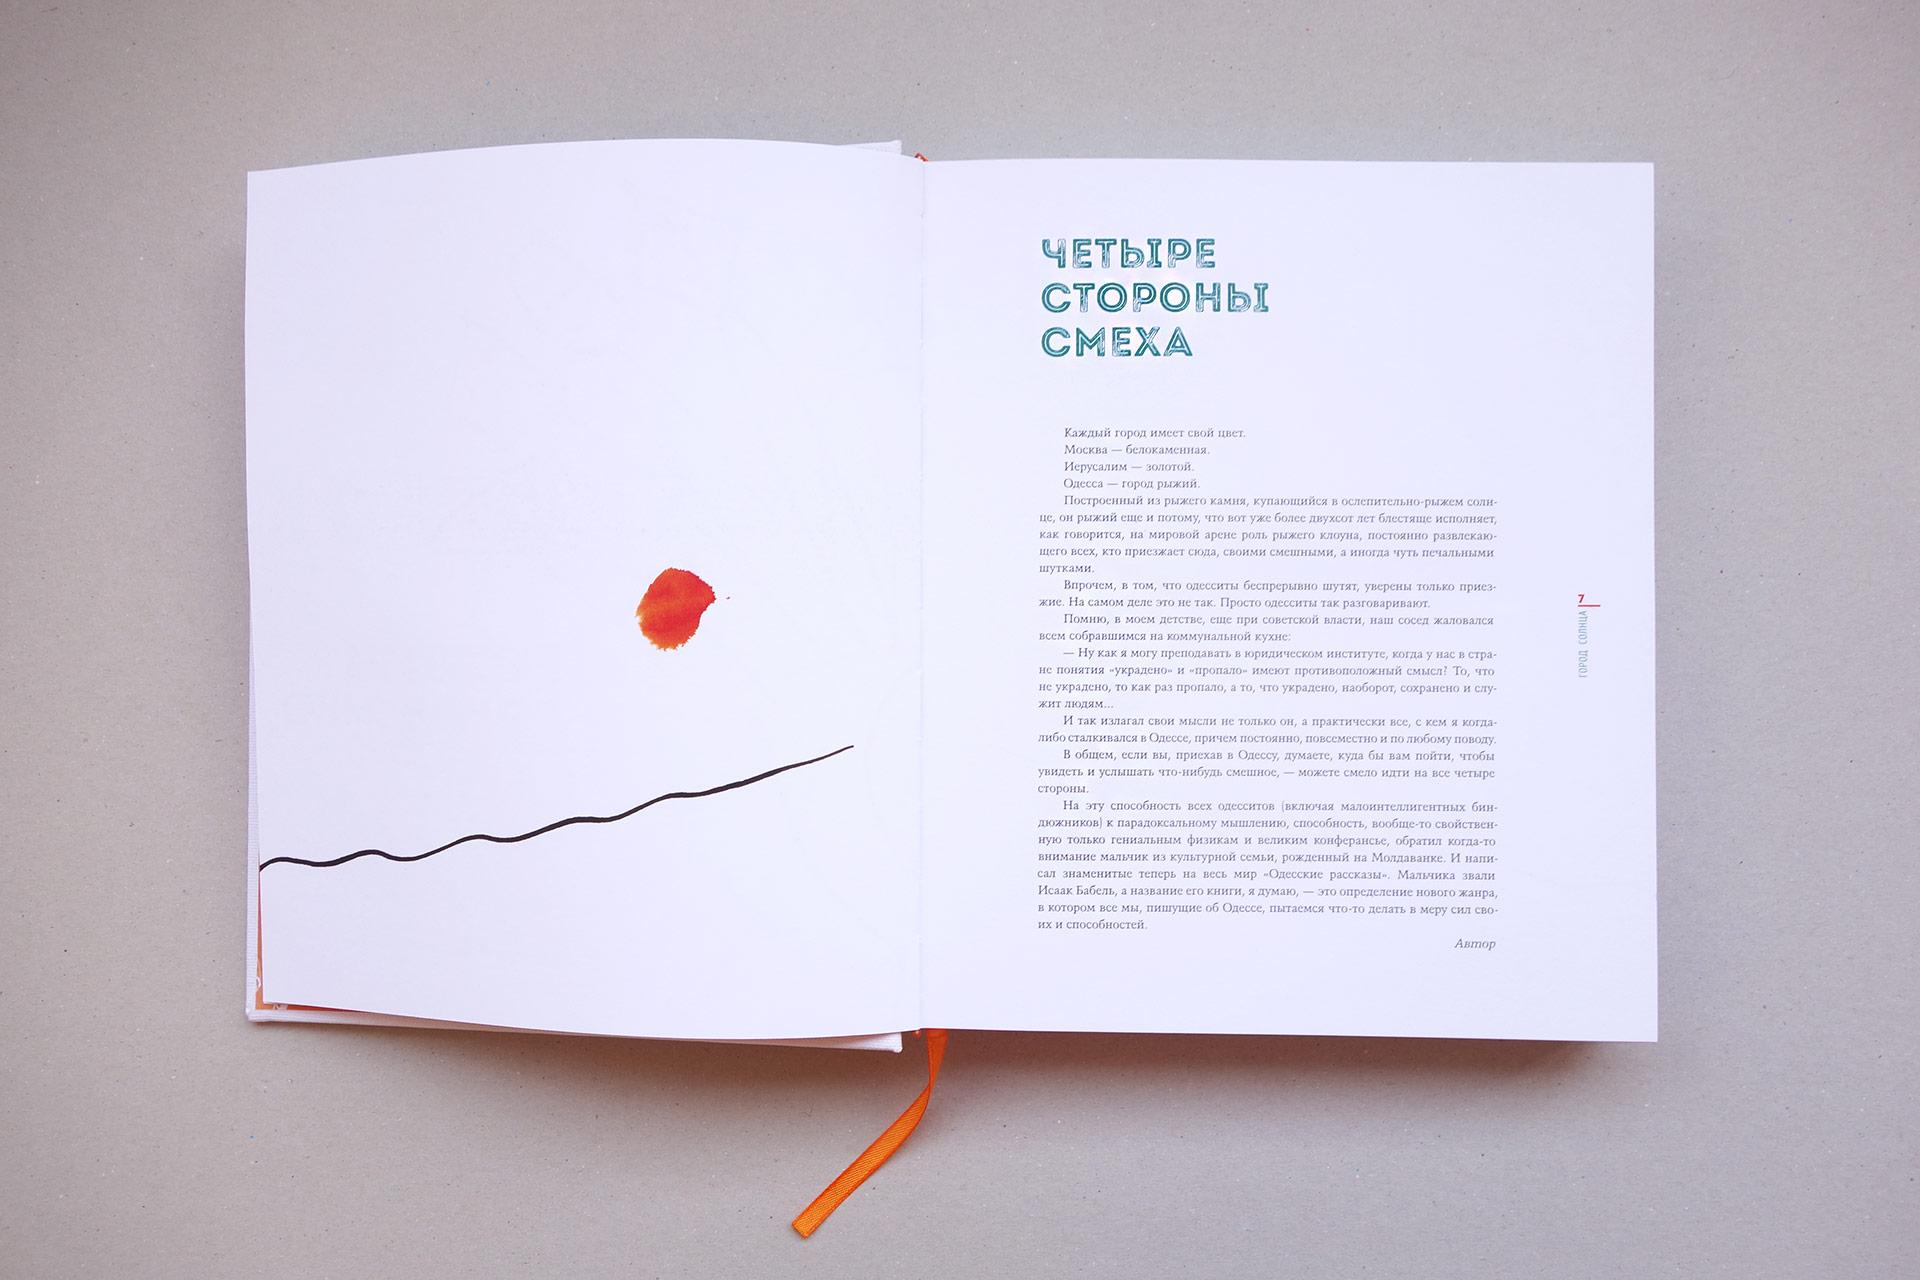 Asgard Branding, юбилейный альбом, дизайн, печать, печатные издания, дизайн книги, Георгий Голубенко, Михаил Рева, иллюстрации